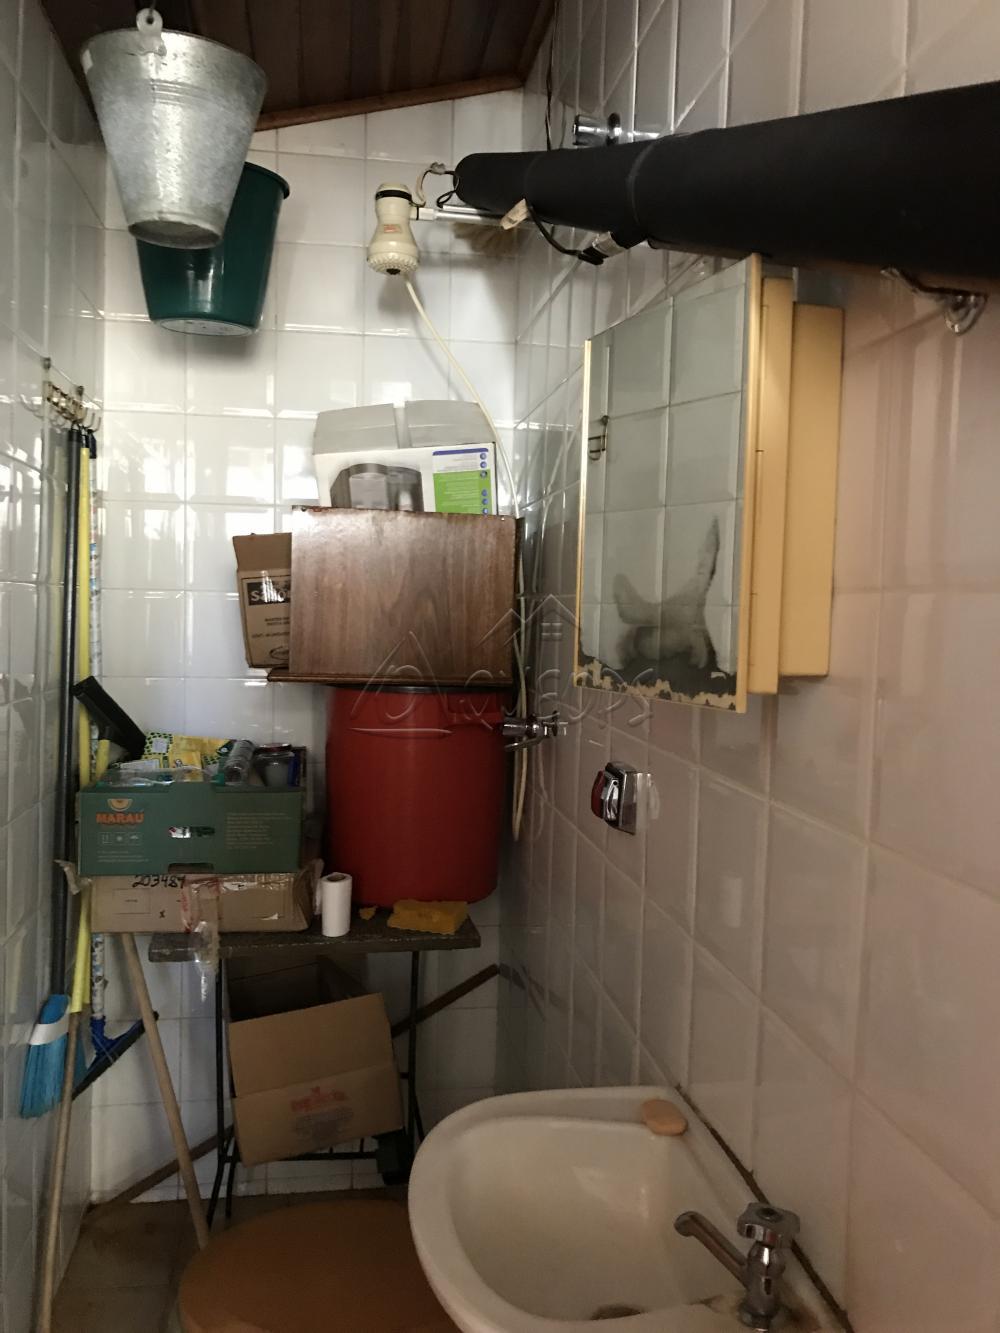 Comprar Casa / Padrão em Barretos R$ 490.000,00 - Foto 30